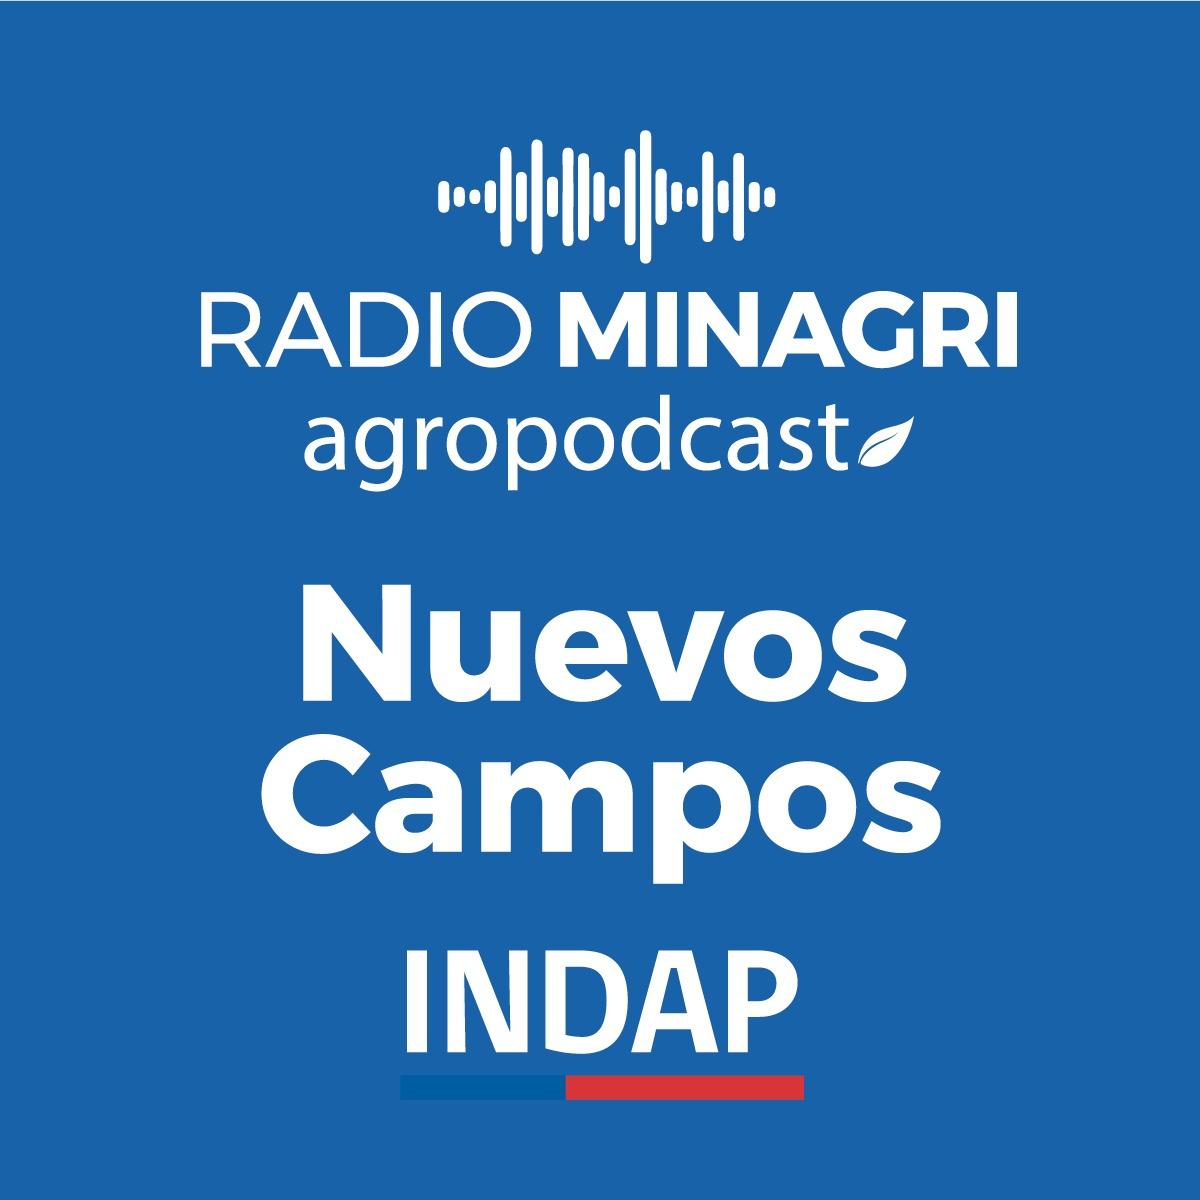 Nuevos campos – Episodio 13: Expo Chile Agrícola 2020